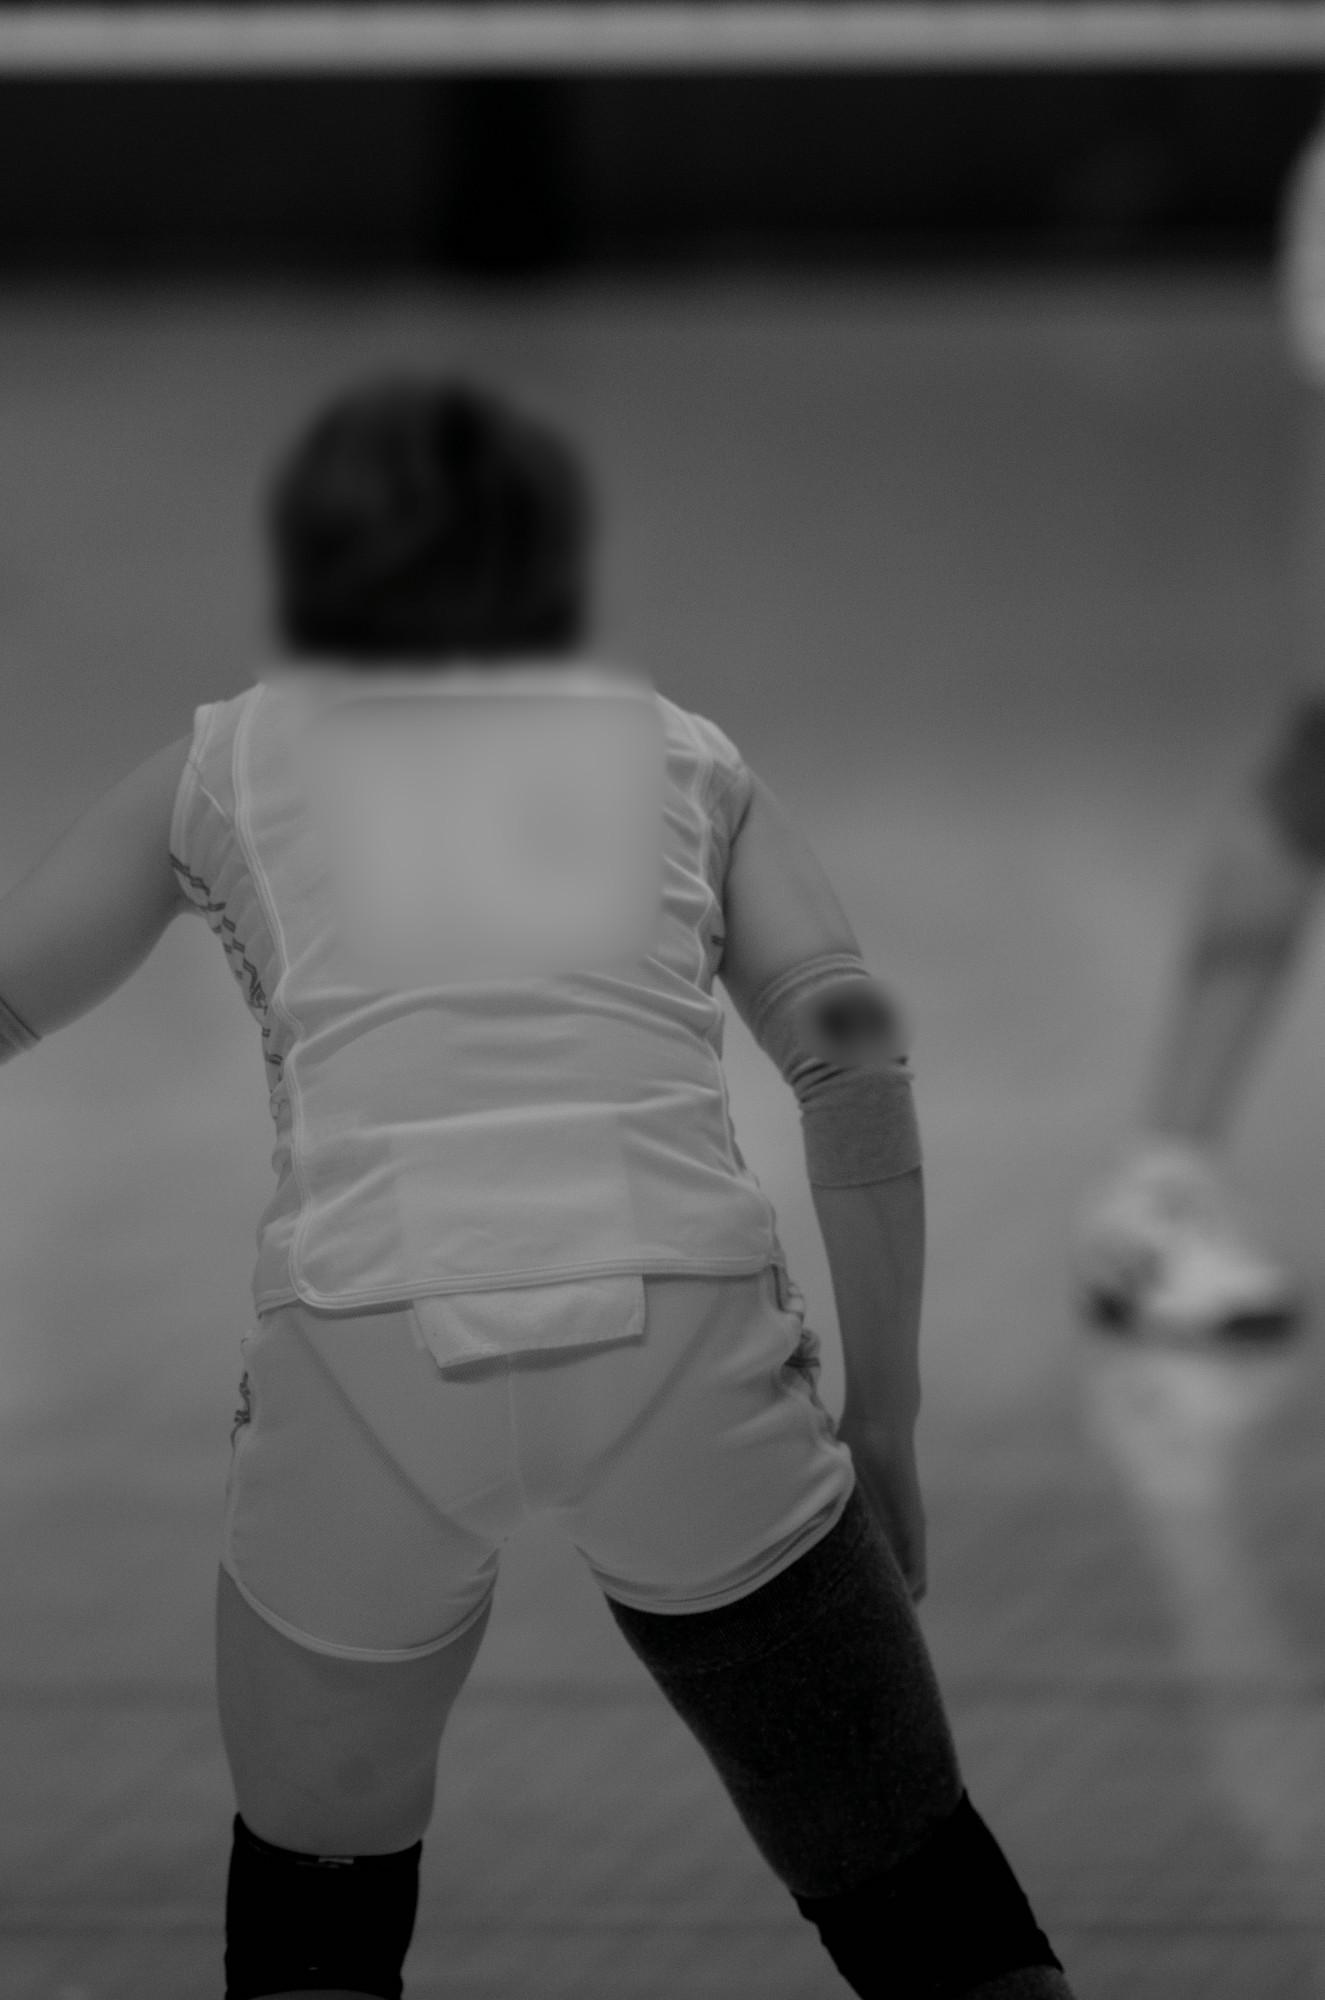 スポーツ女子のおま○こやマン毛丸見えの赤外線盗撮エロ画像14枚目